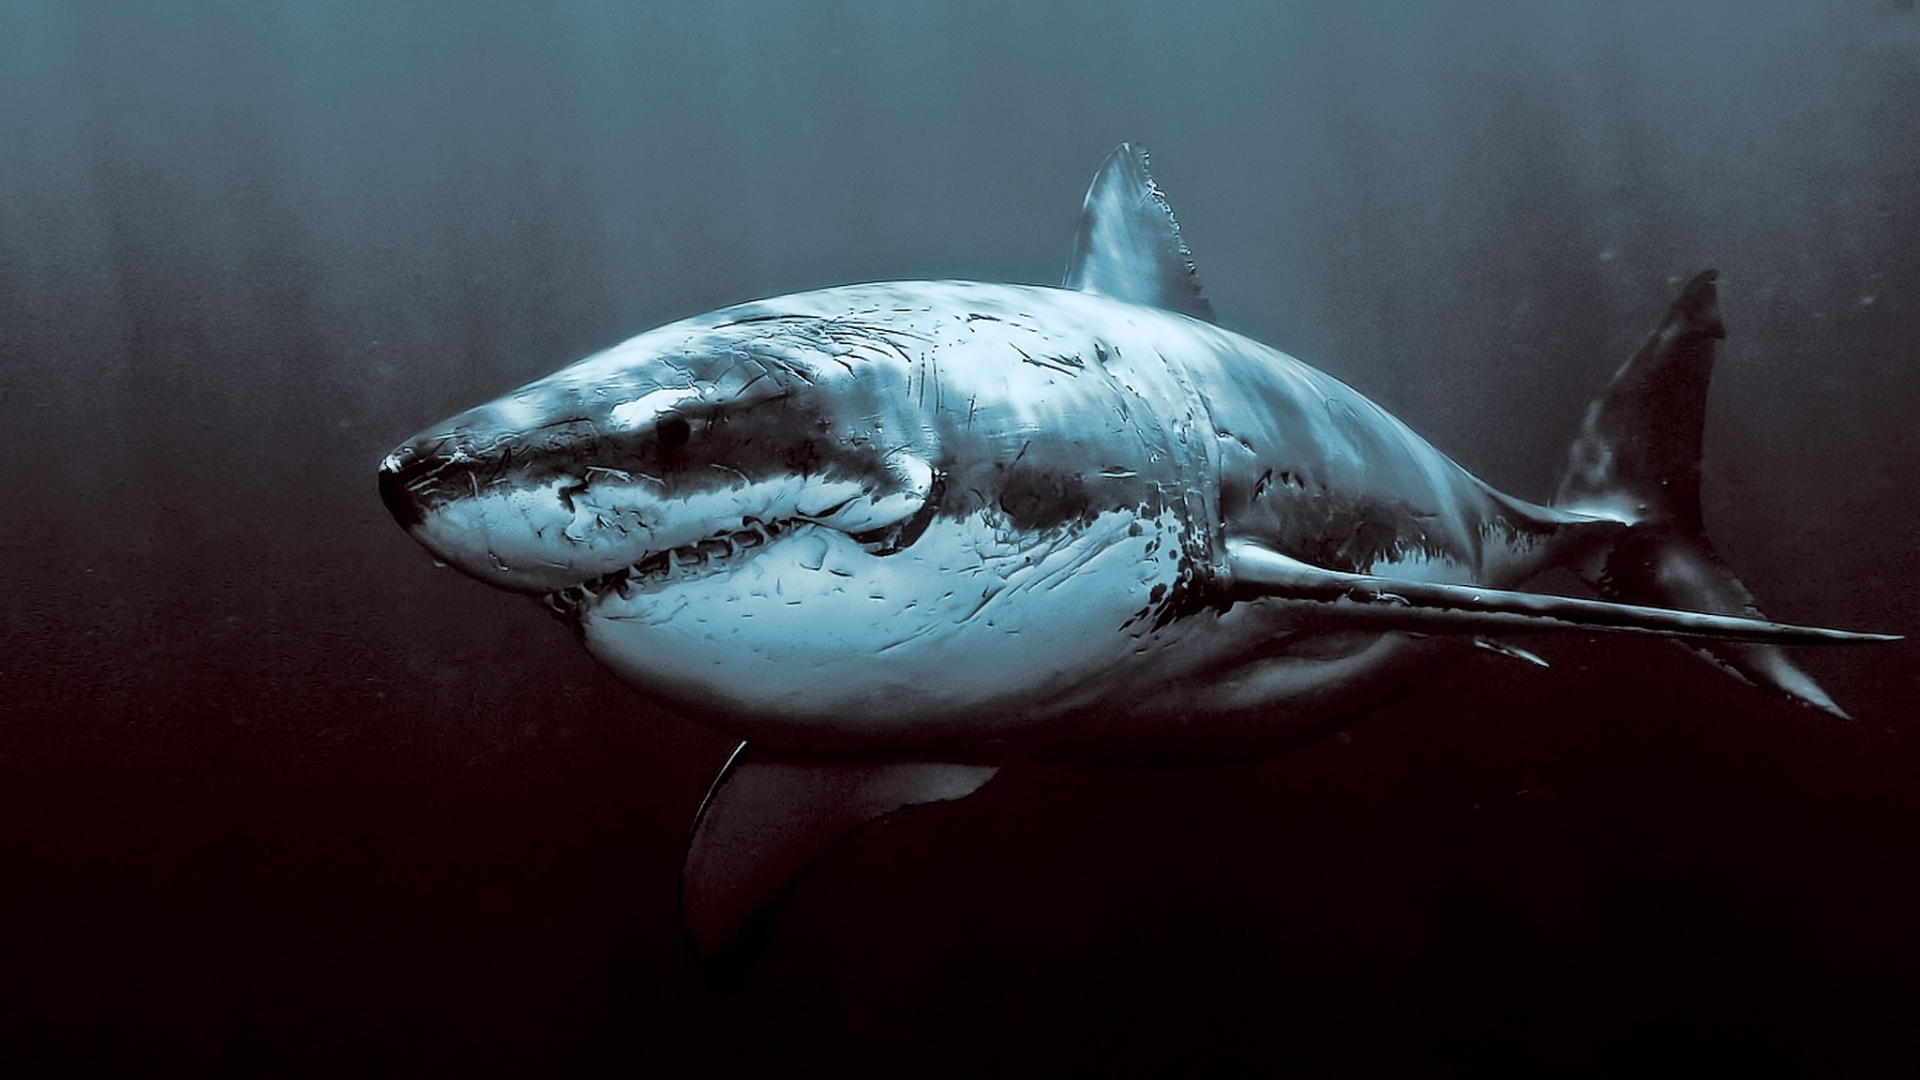 Картинки на телефон акула   подборка (5)